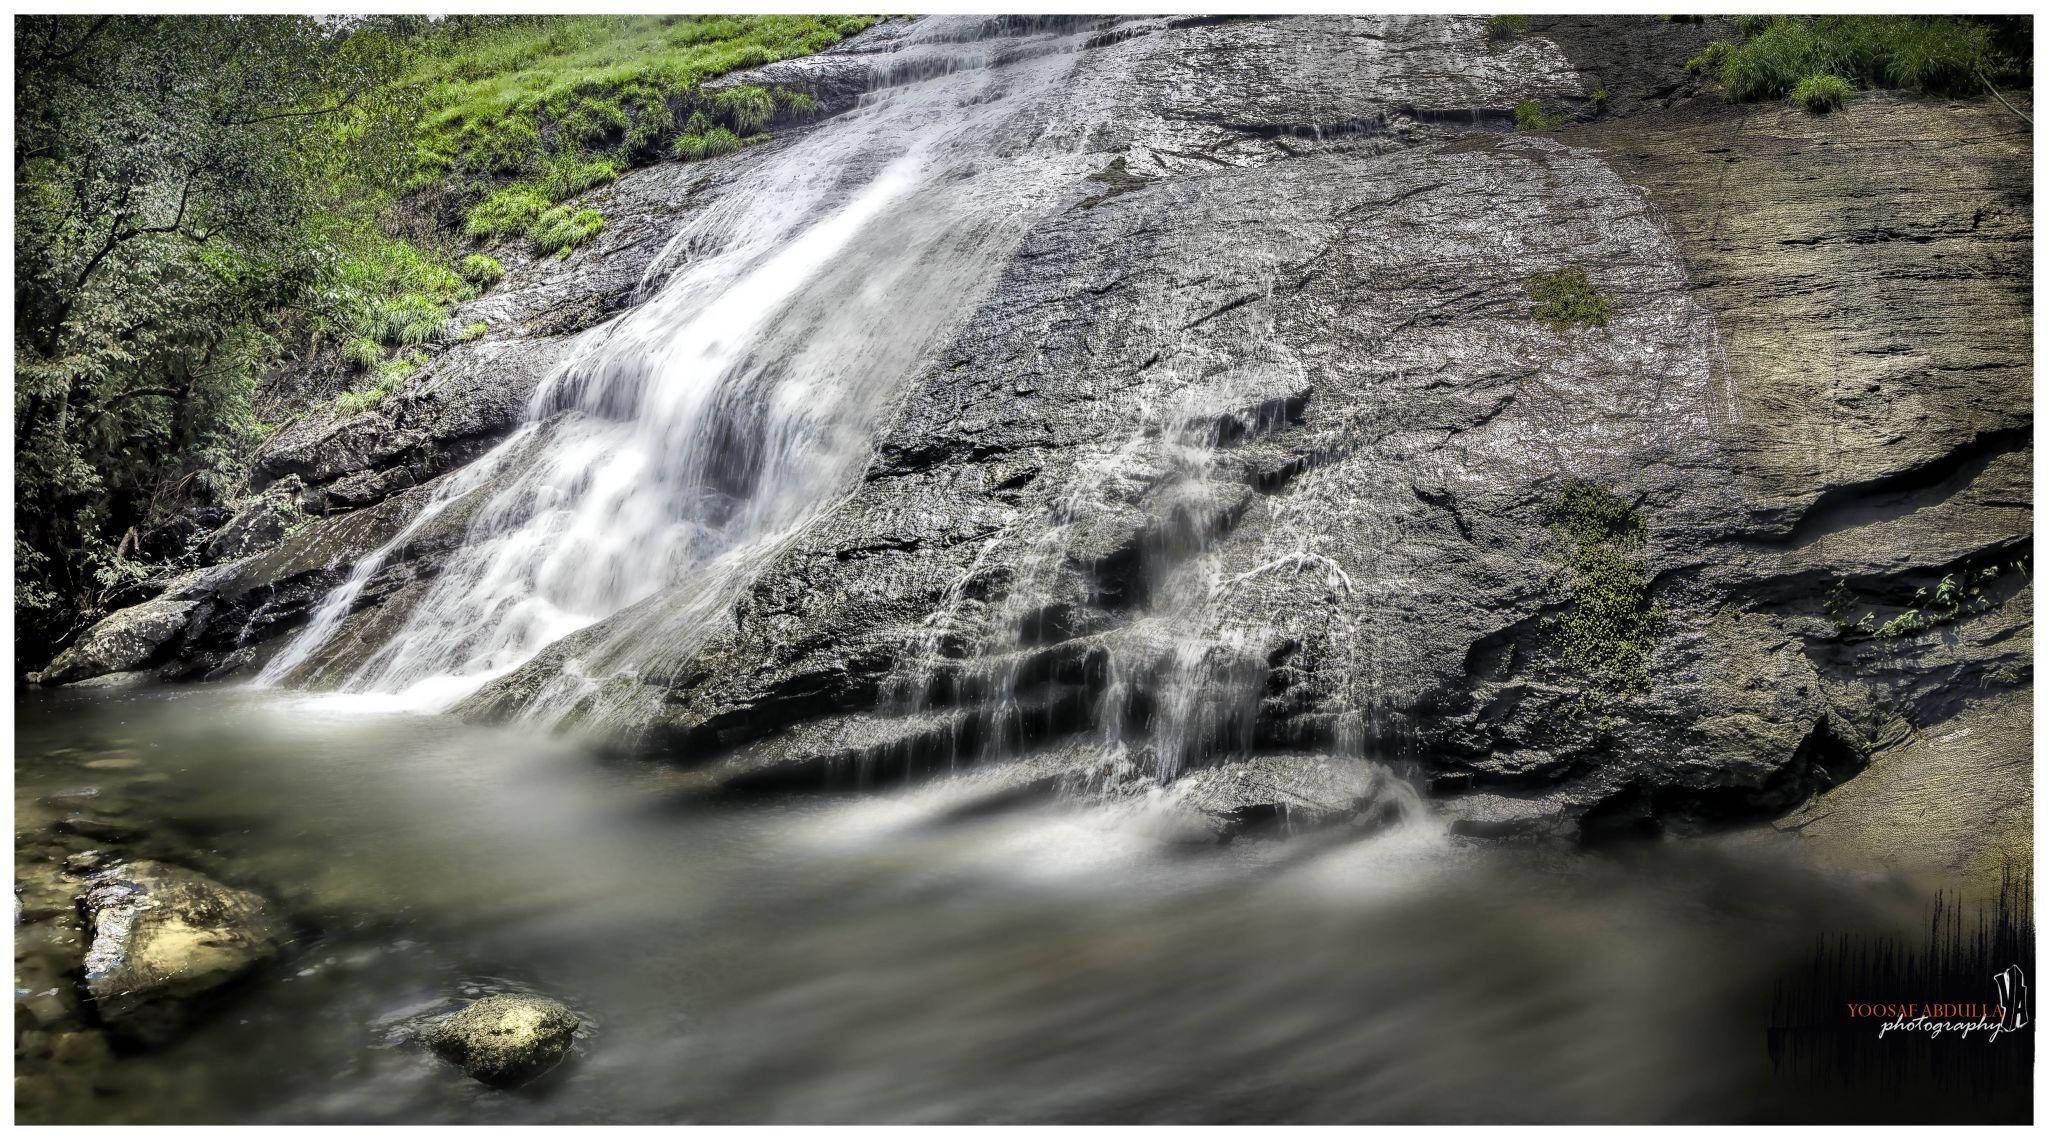 Falls @ Attapara, India